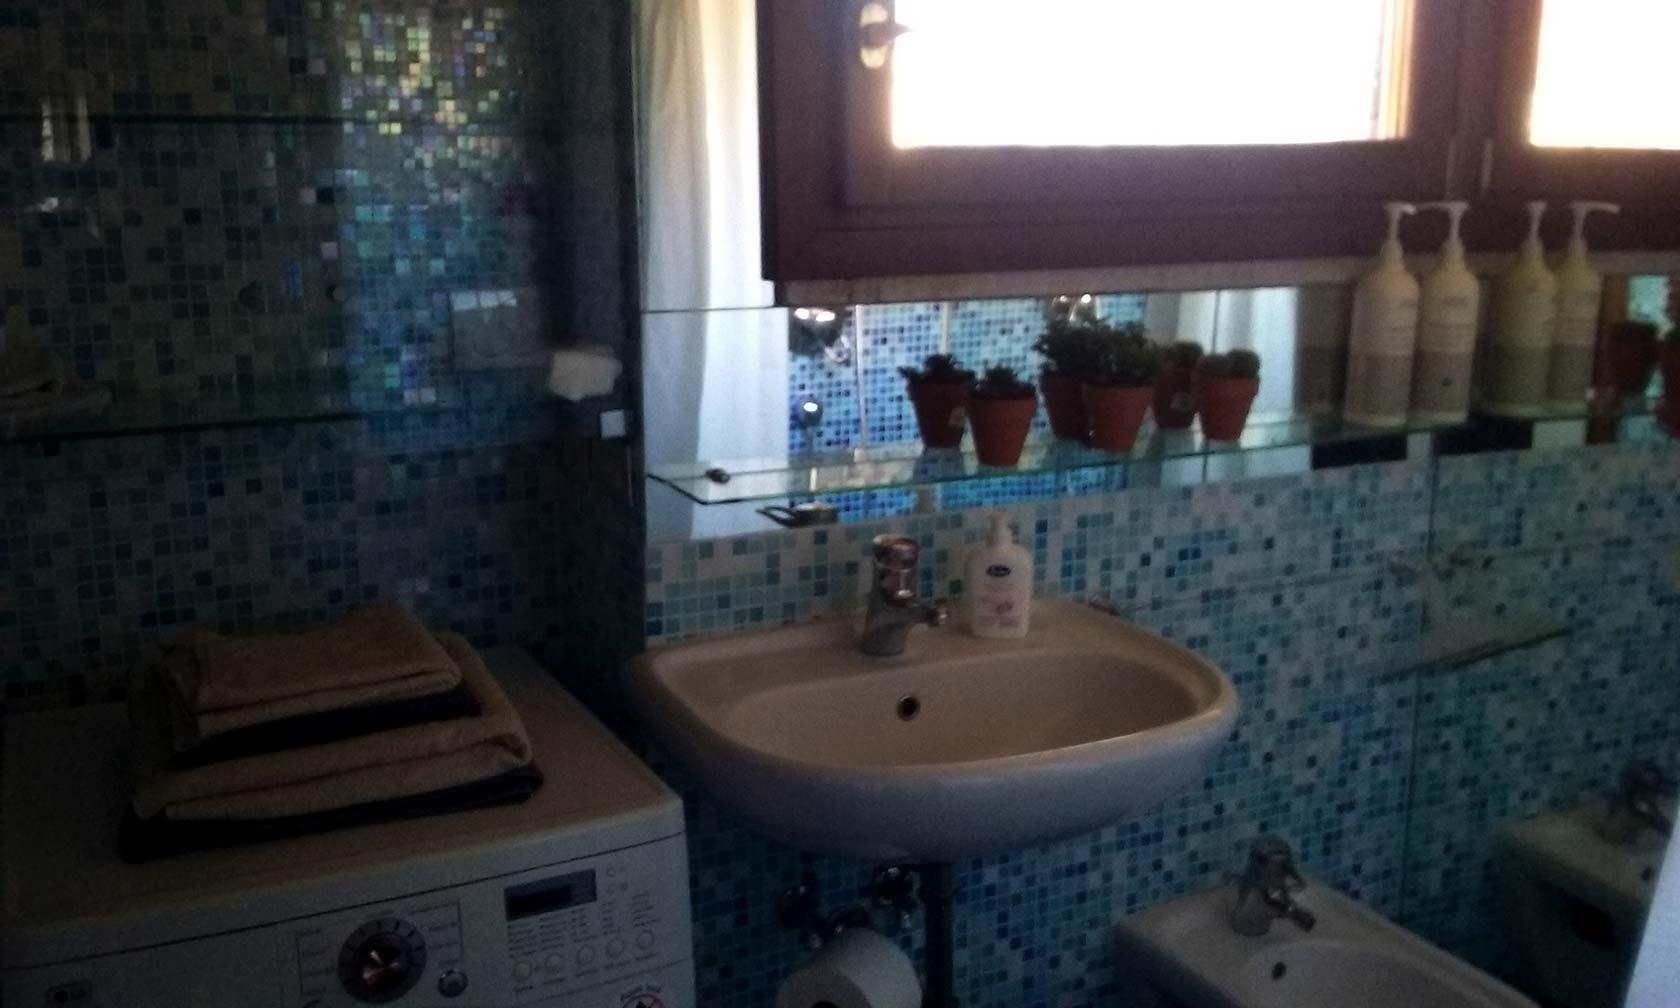 venicetomeetyou_apartment_bathroom